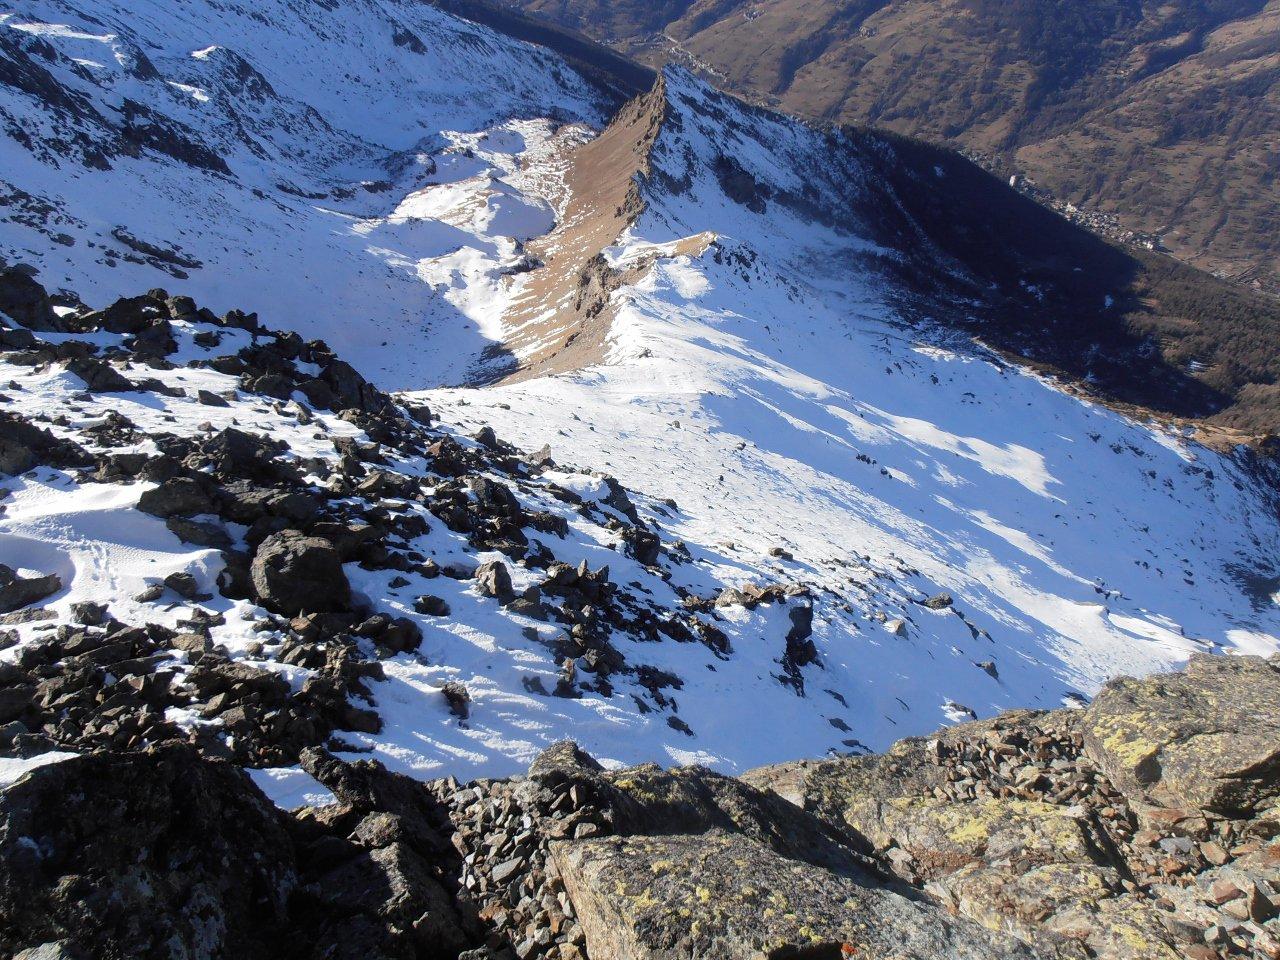 09 - la parte finale ripida vista dalla cima